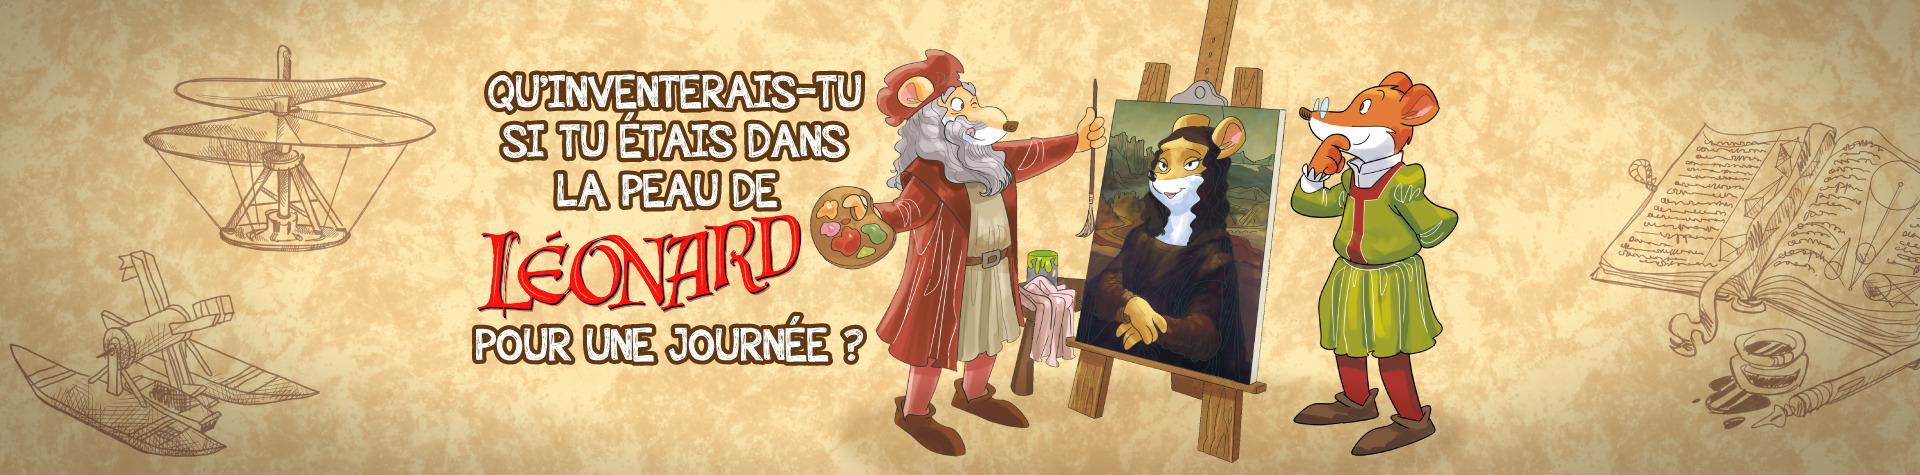 Qu'inventerais-tu si tu étais dans la peau de Léonard de Vinci pour une journée ?